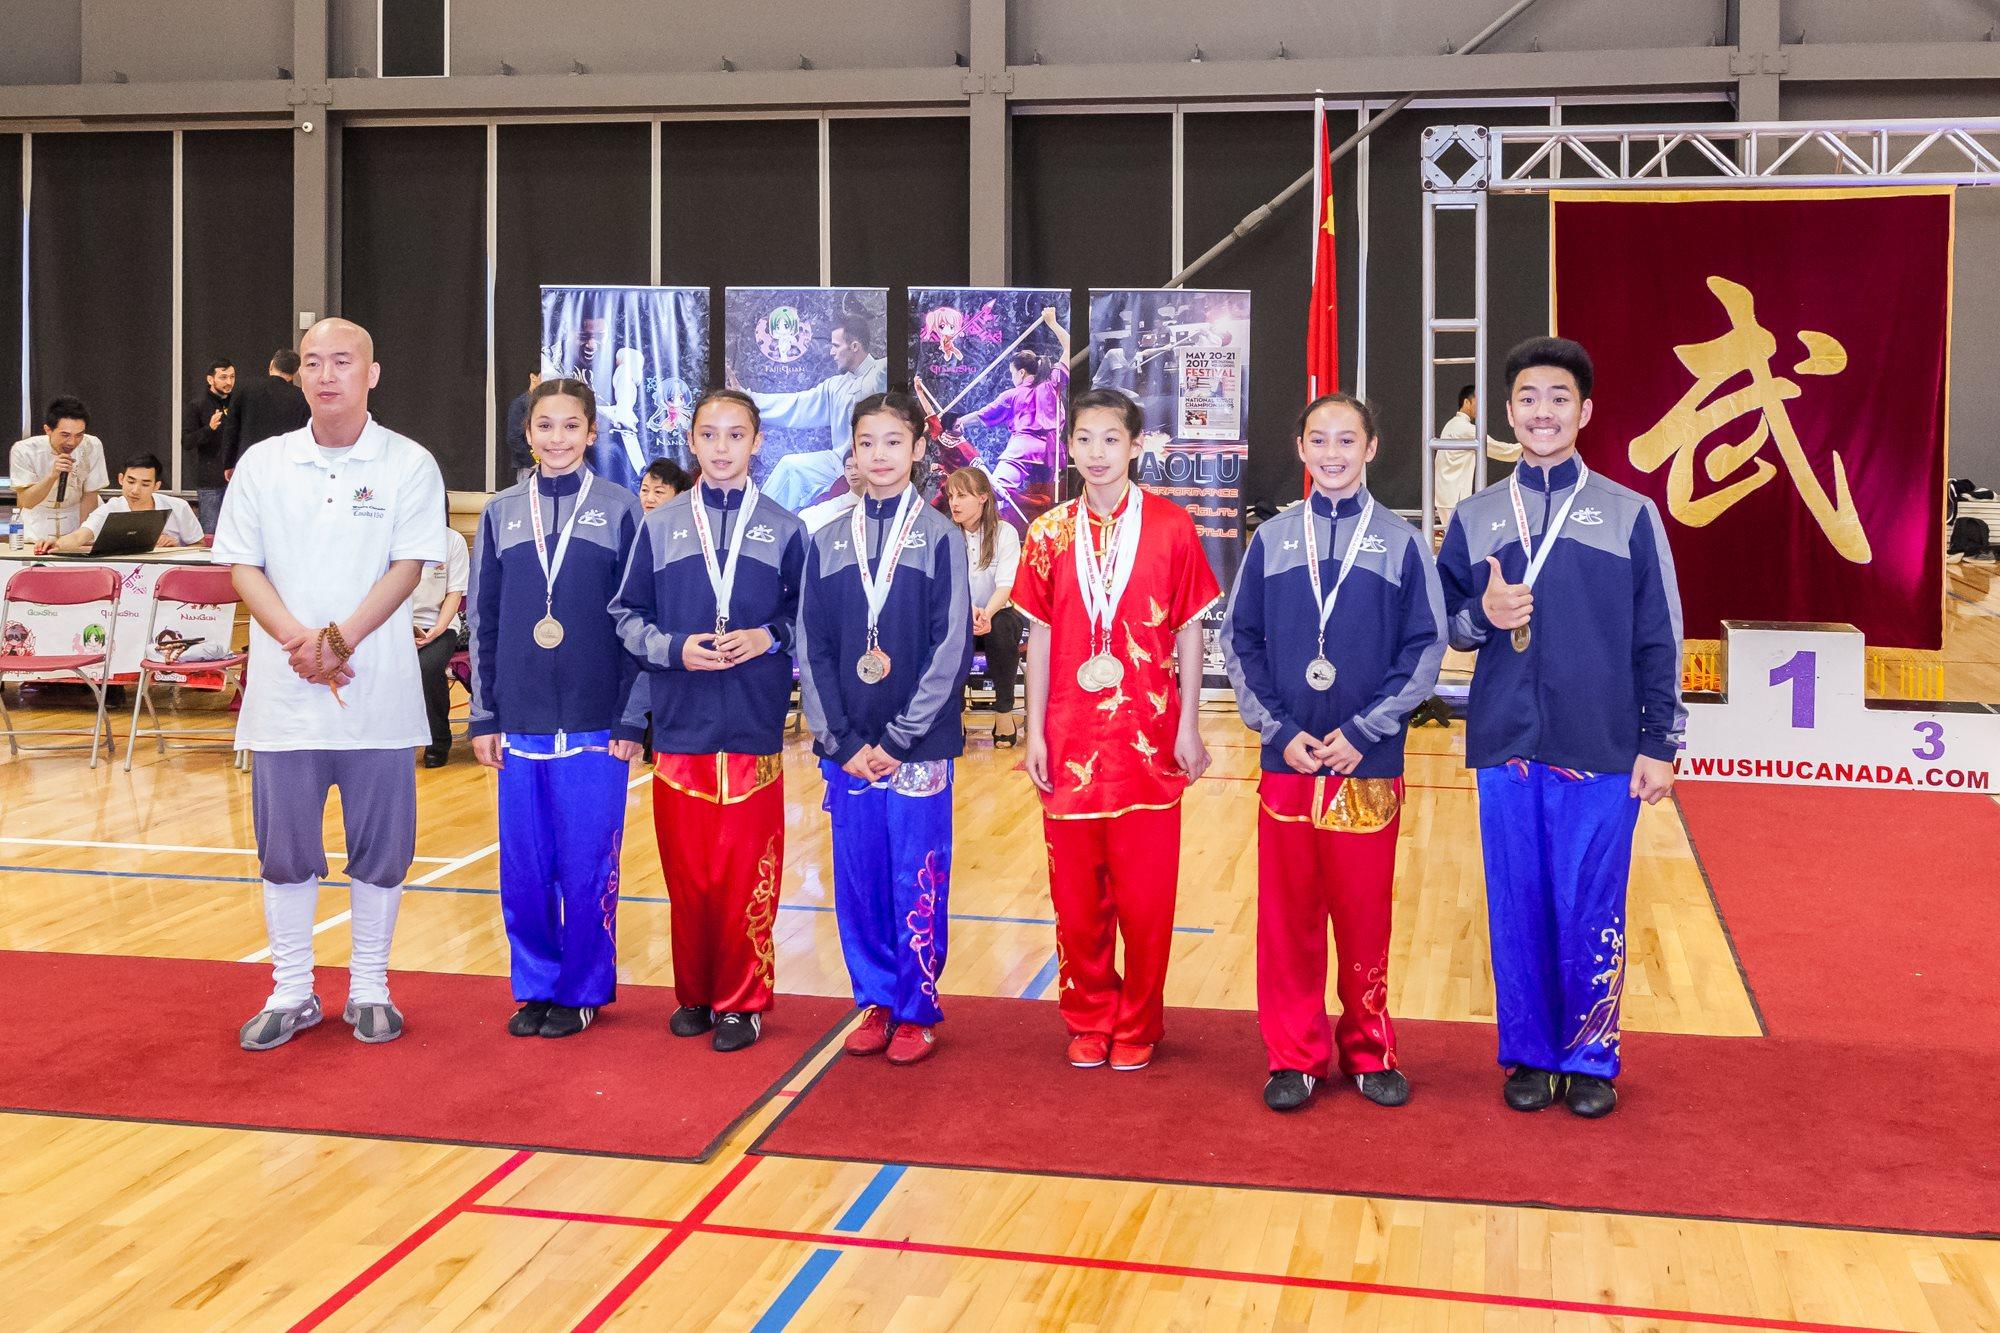 wayland-li-wushu-toronto-markham-canadian-wushu-championships-2017-8.jpg